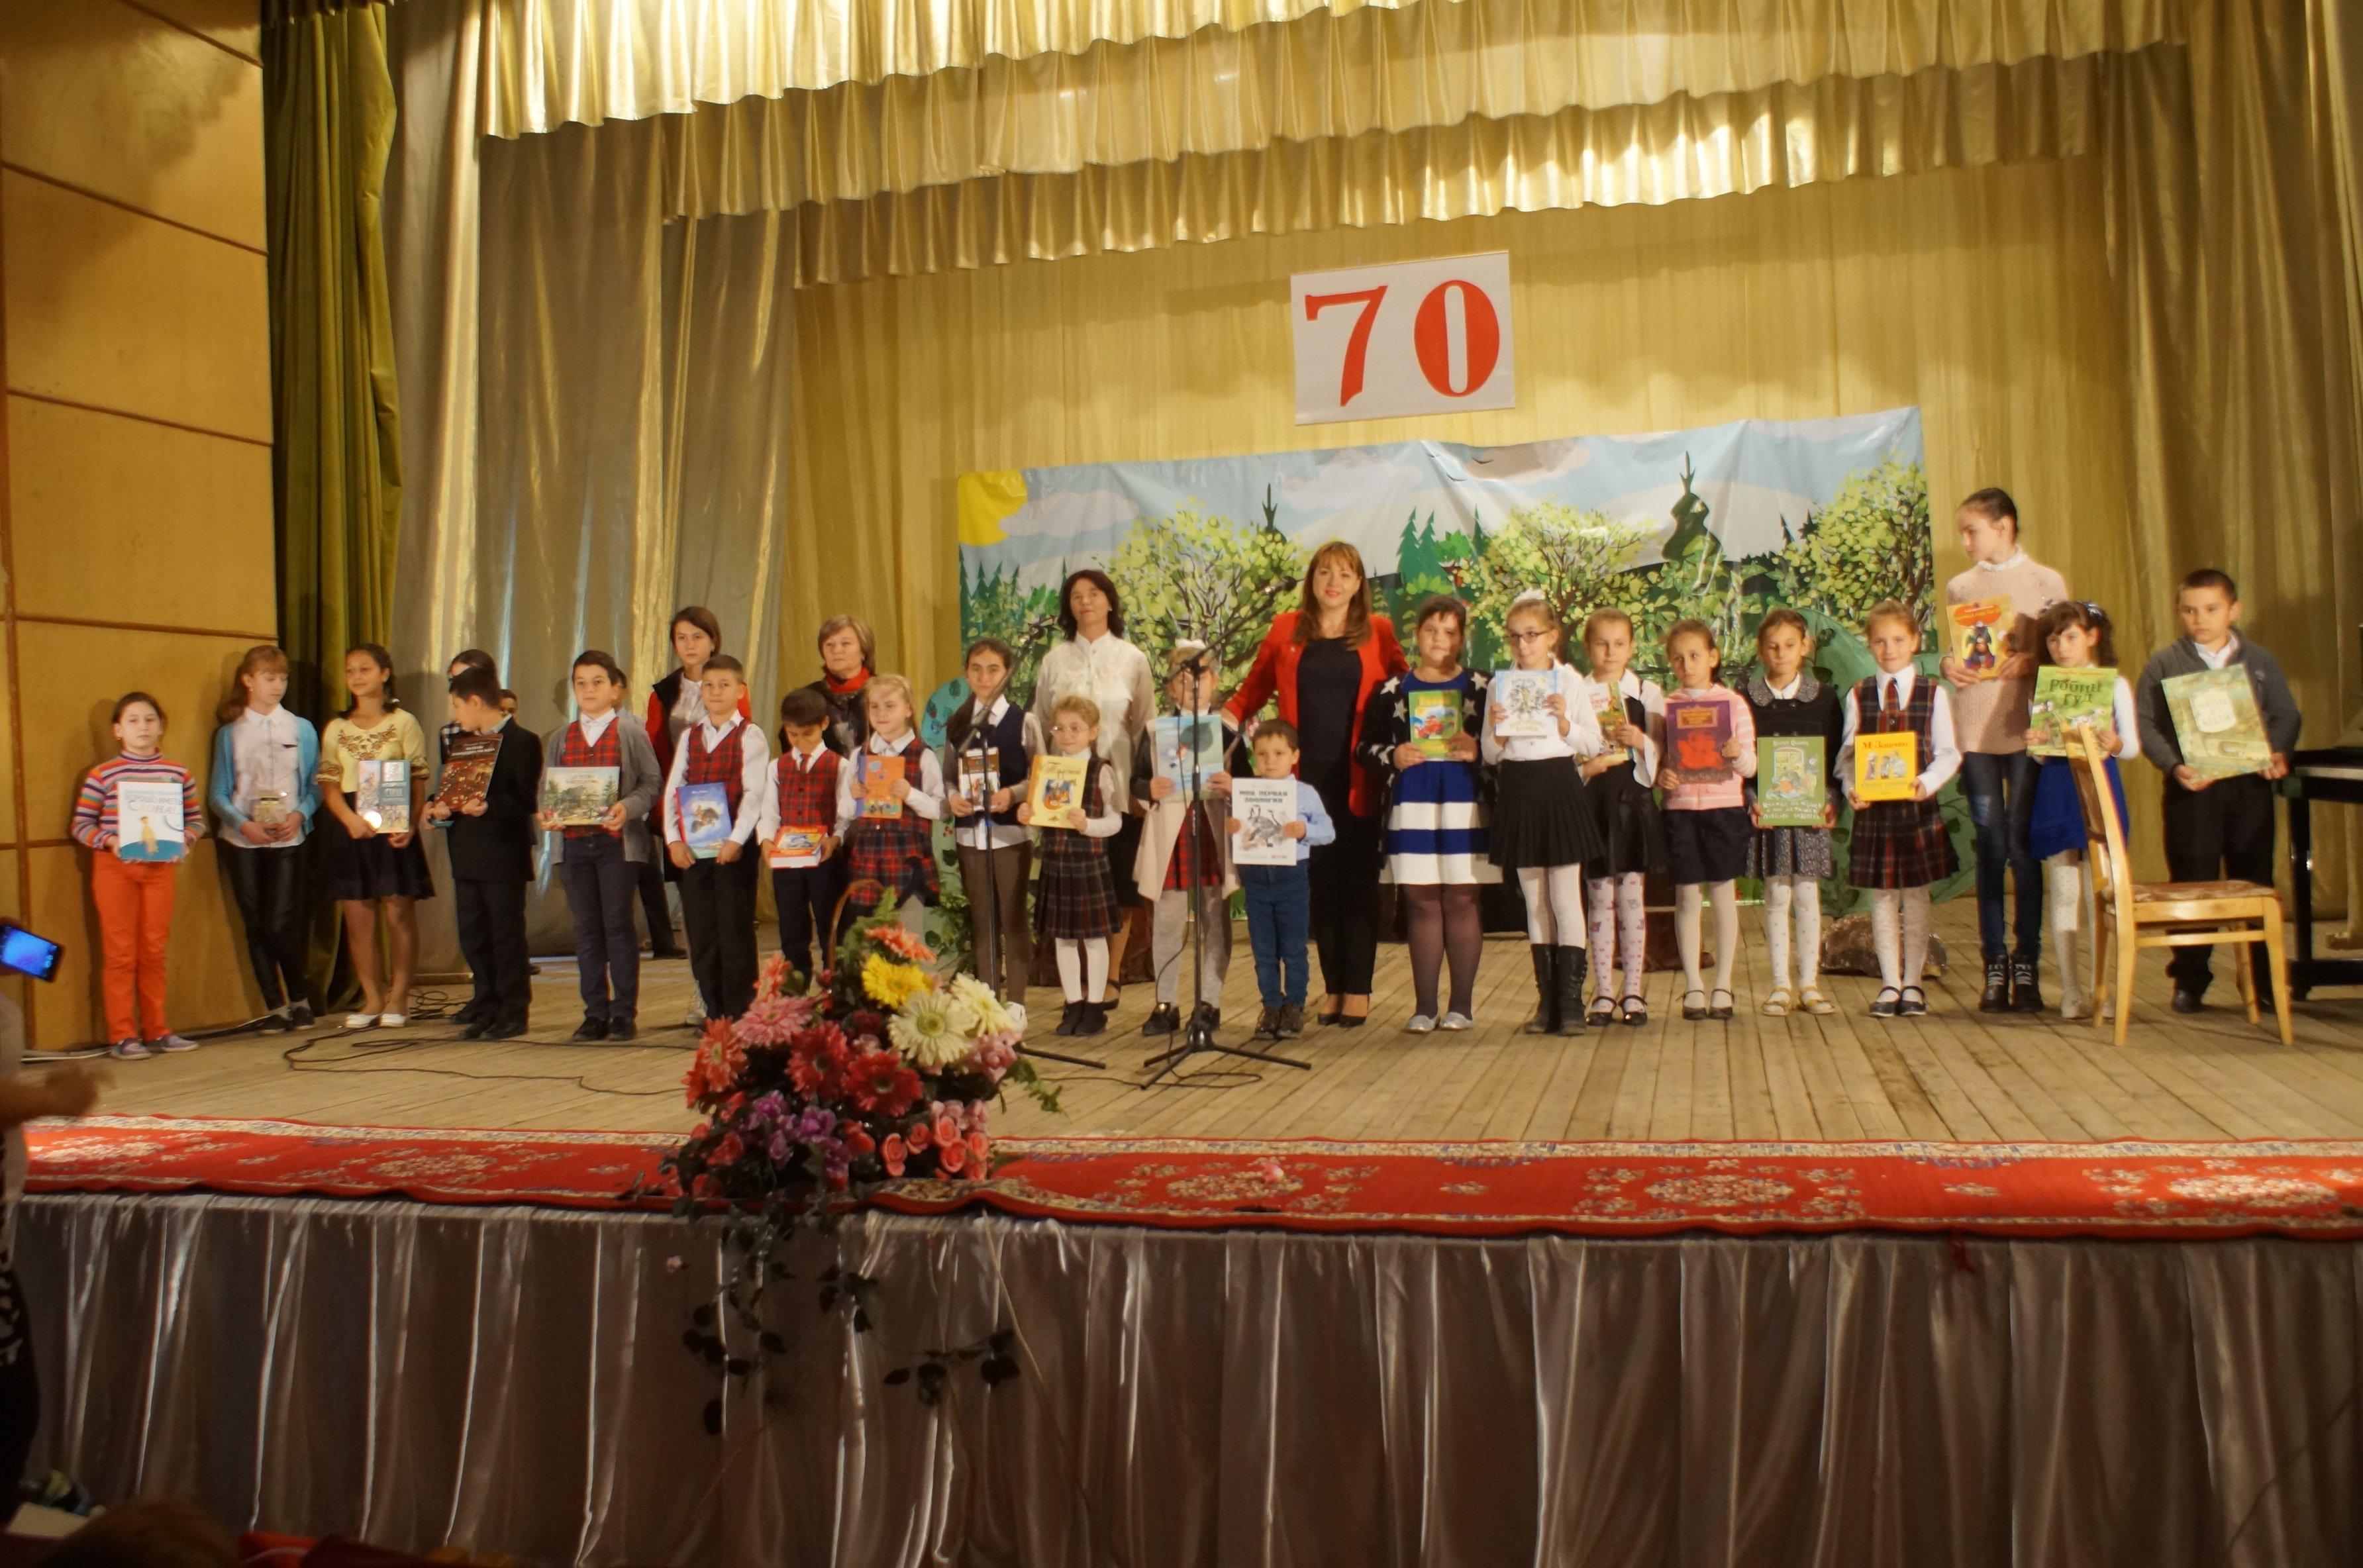 Комратская детская библиотека отметила свой 70-летний юбилей (фоторепортаж)